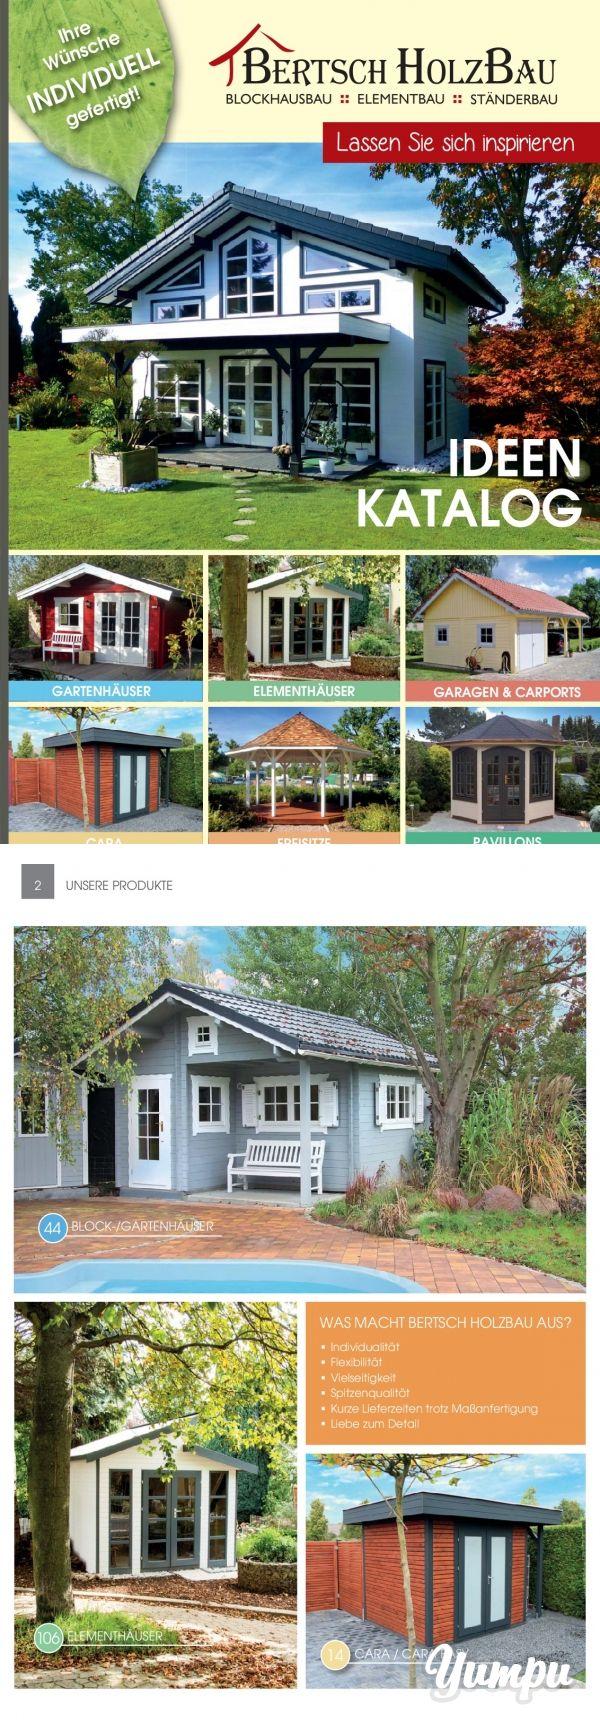 Bertsch Gartenhäuser - Lassen Sie sich inspirieren - Gartenhäuser, Elementhäuser, Blockhäuser, das alles ist mit dem Programm der Firma Bertsch realisierbar. Auch individuelle Lösungen sind möglich